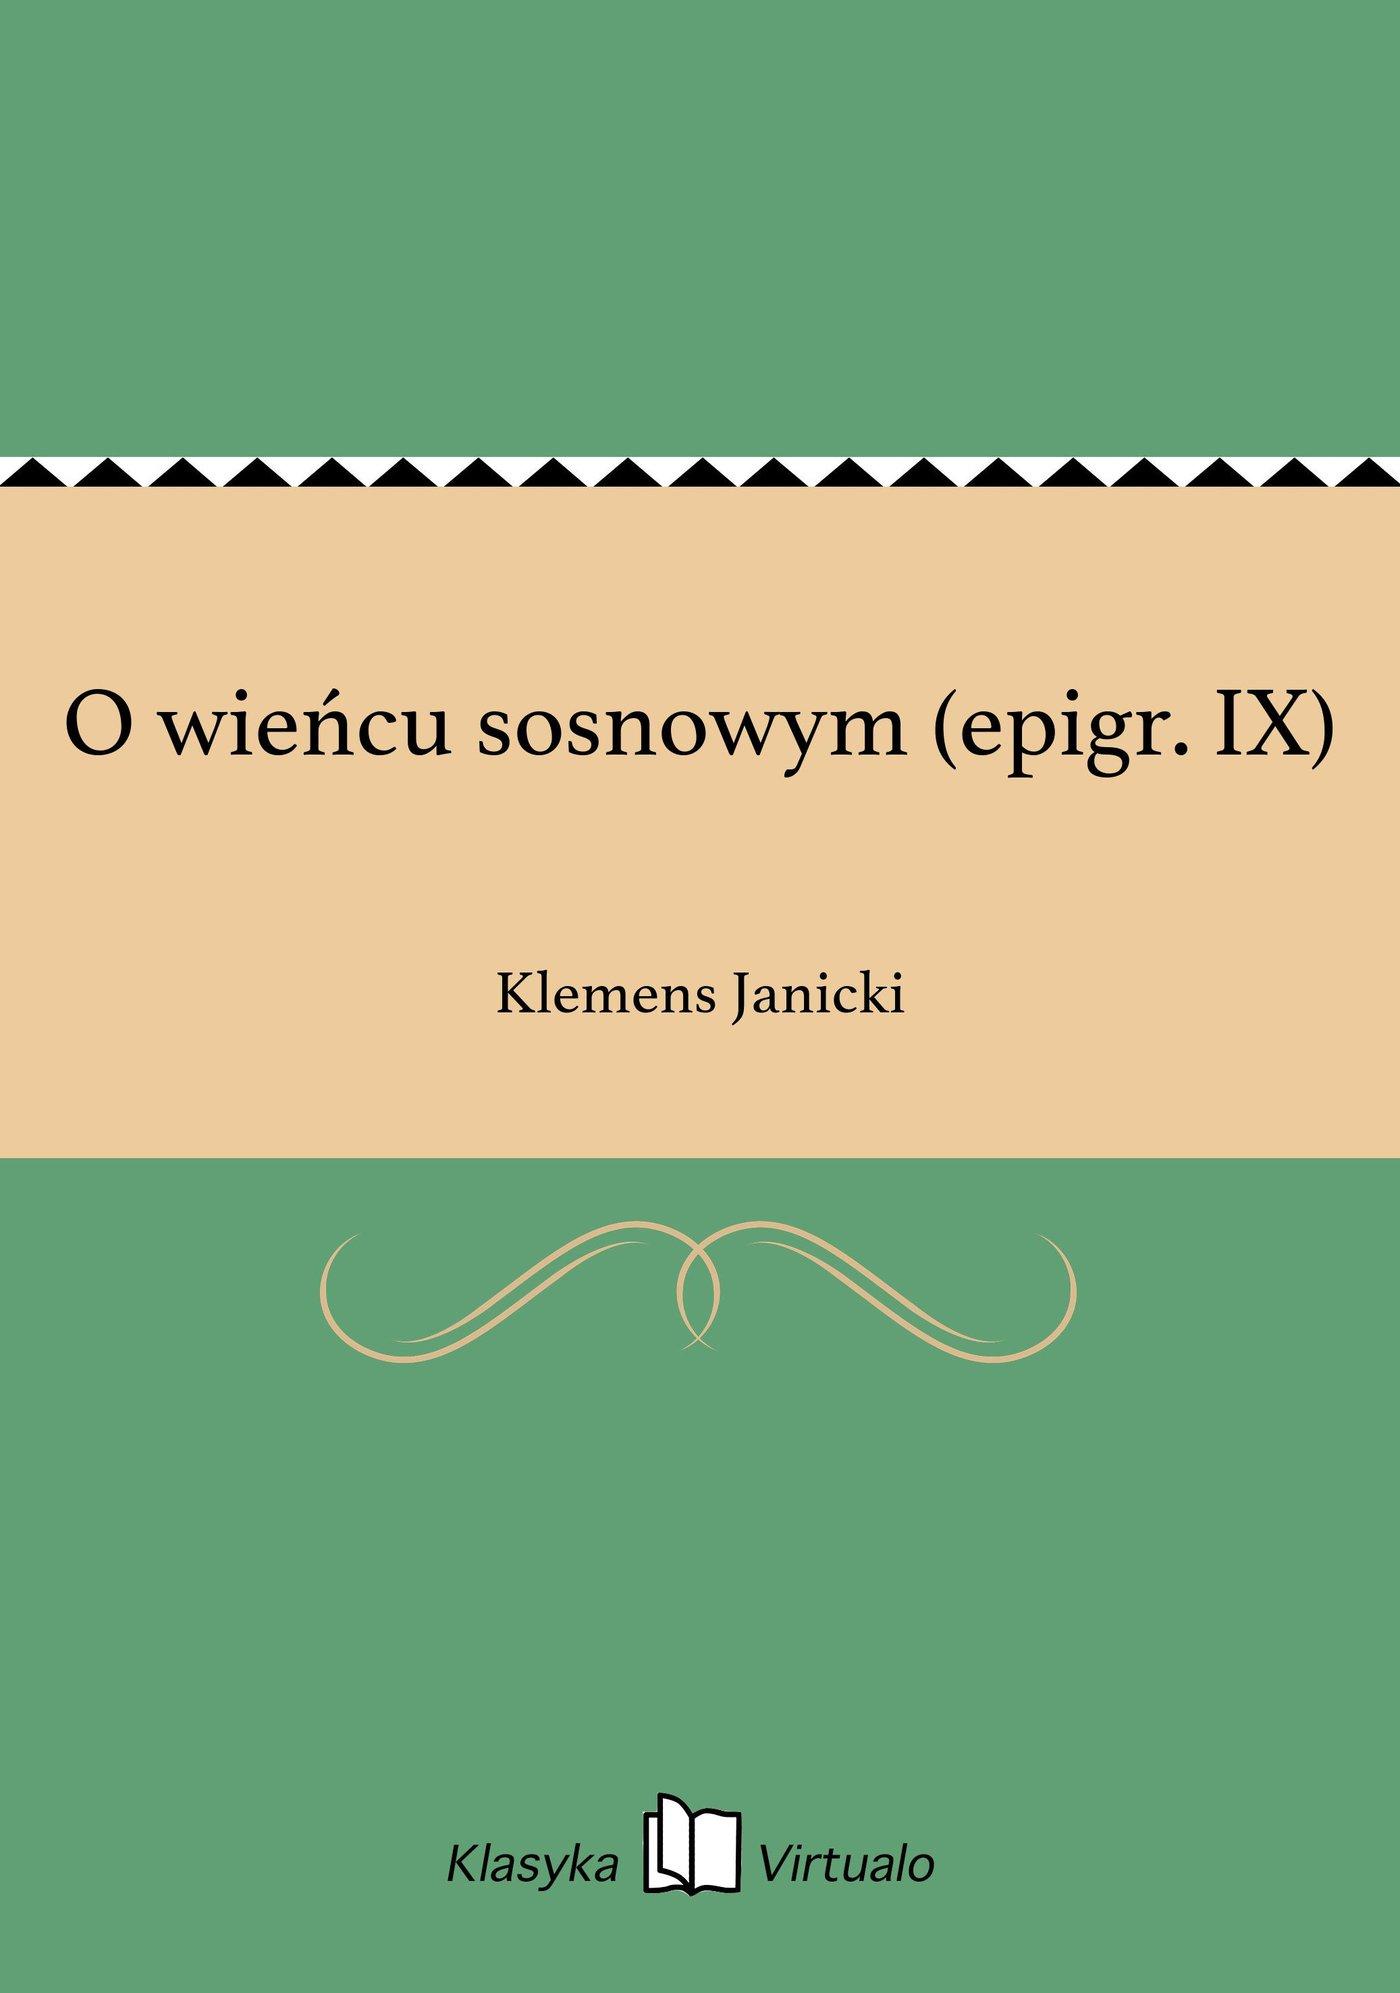 O wieńcu sosnowym (epigr. IX) - Ebook (Książka na Kindle) do pobrania w formacie MOBI